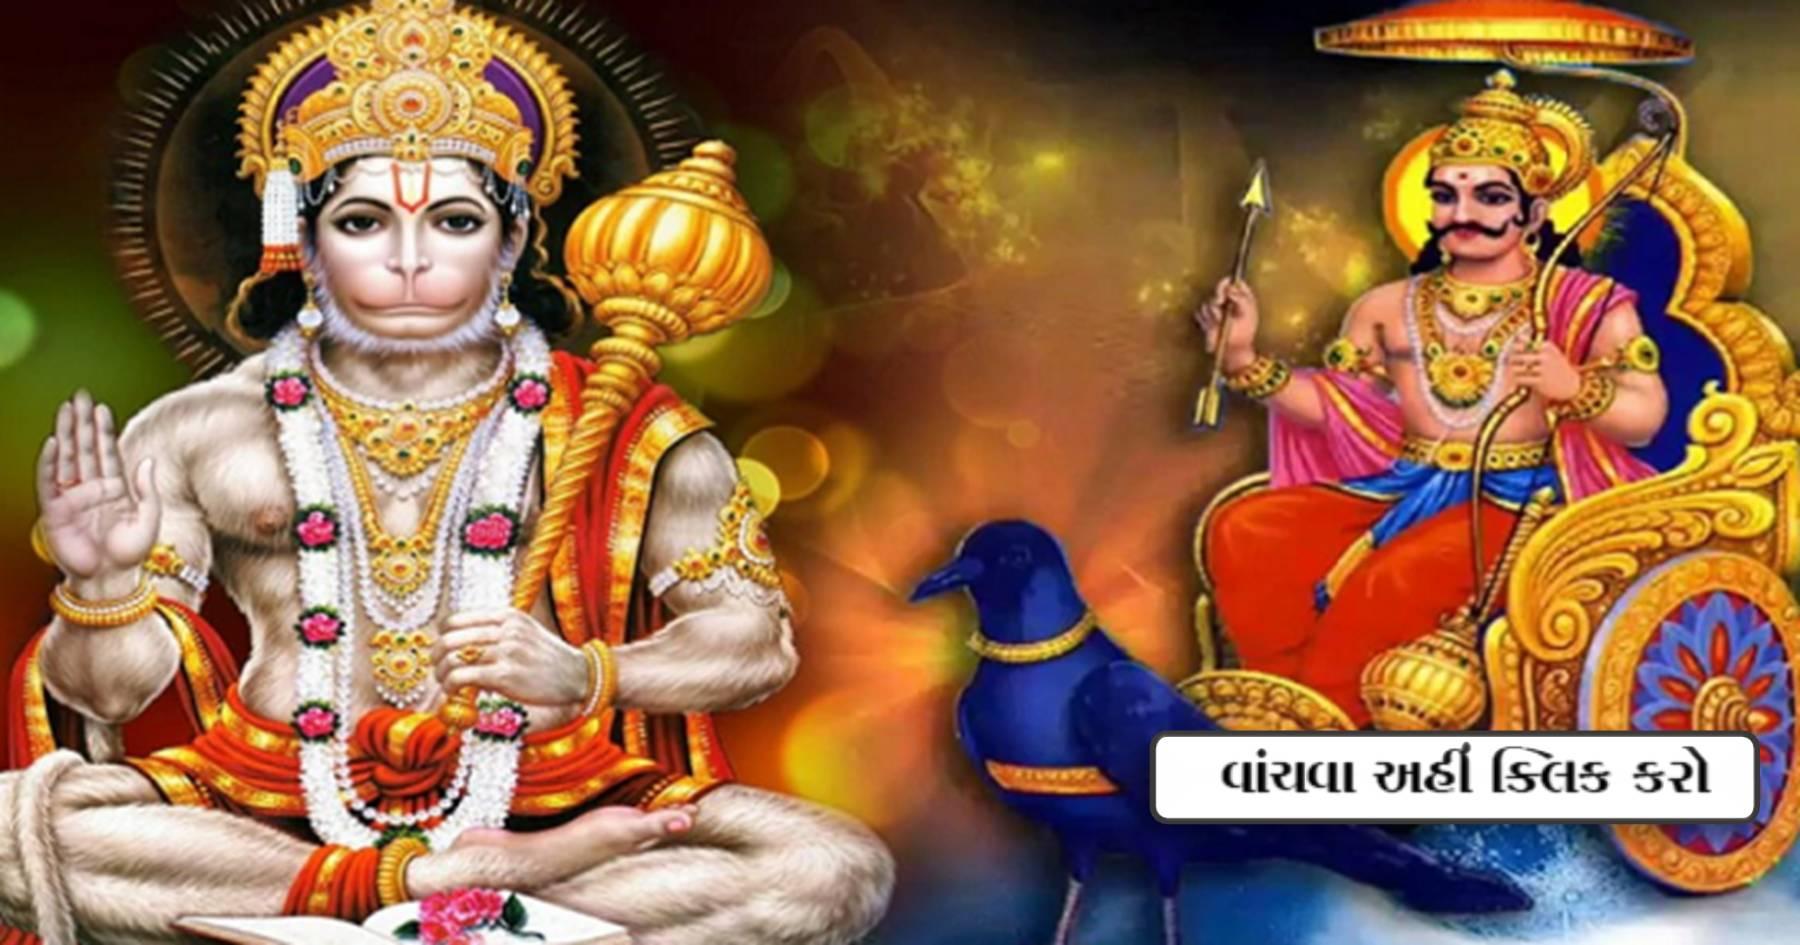 દર શનિવારના દિવસે આ ઉપાય કરશો તો હનુમાનજી અને શનિદેવ થશે ખુશ..